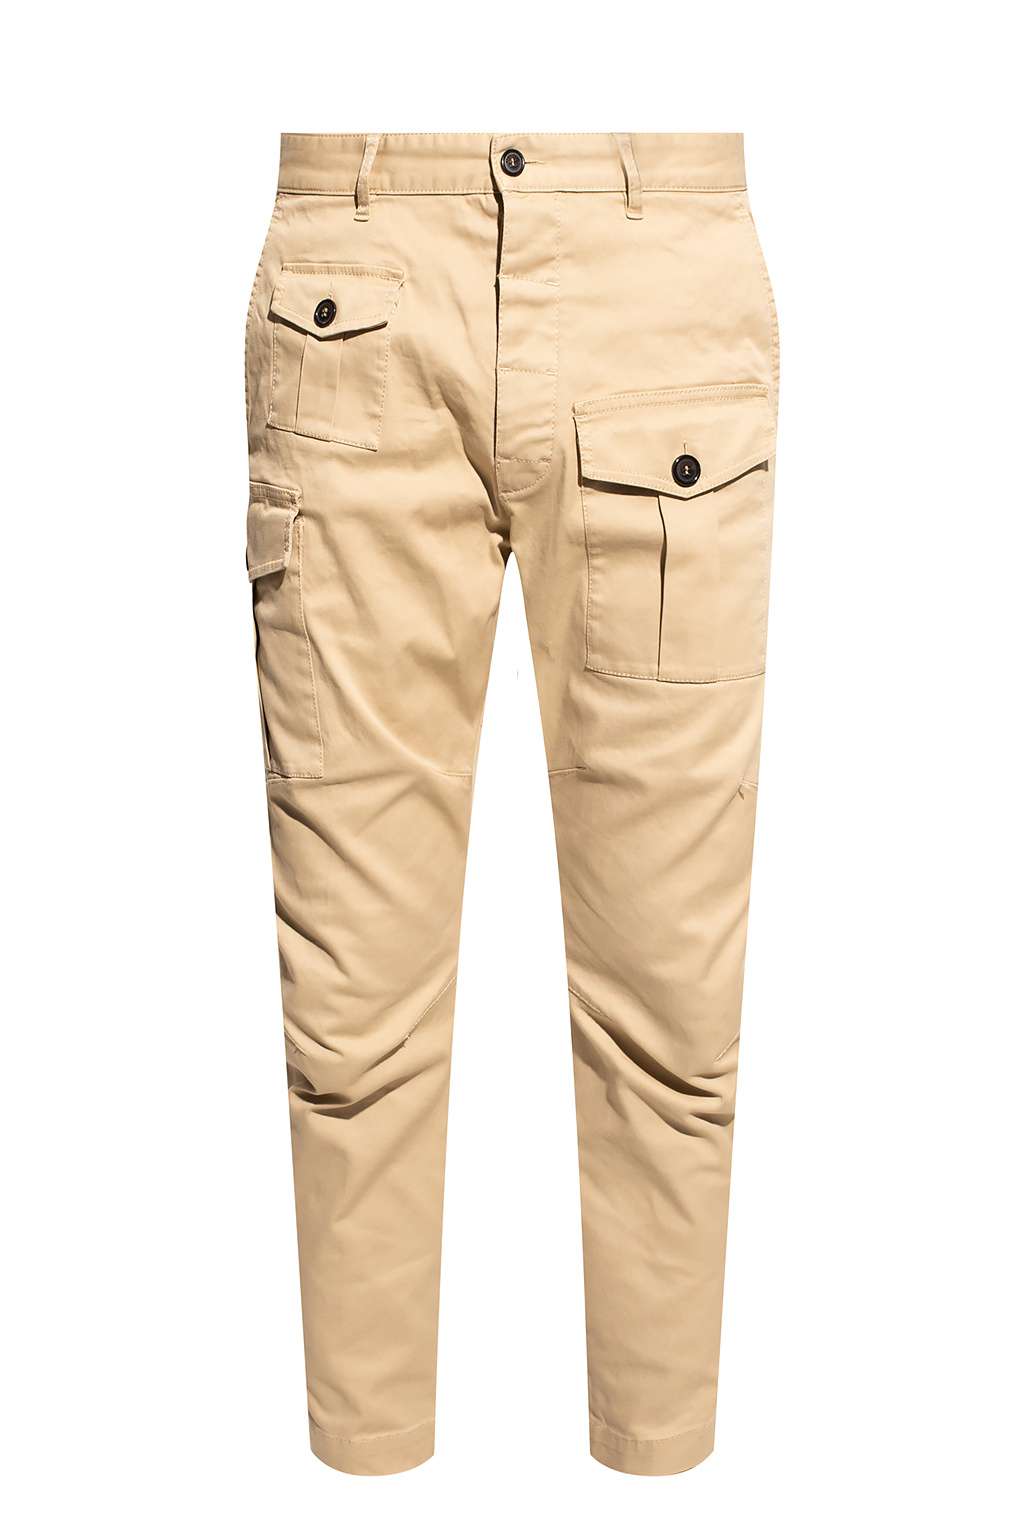 Dsquared2 Spodnie 'Sexy Cargo Fit'